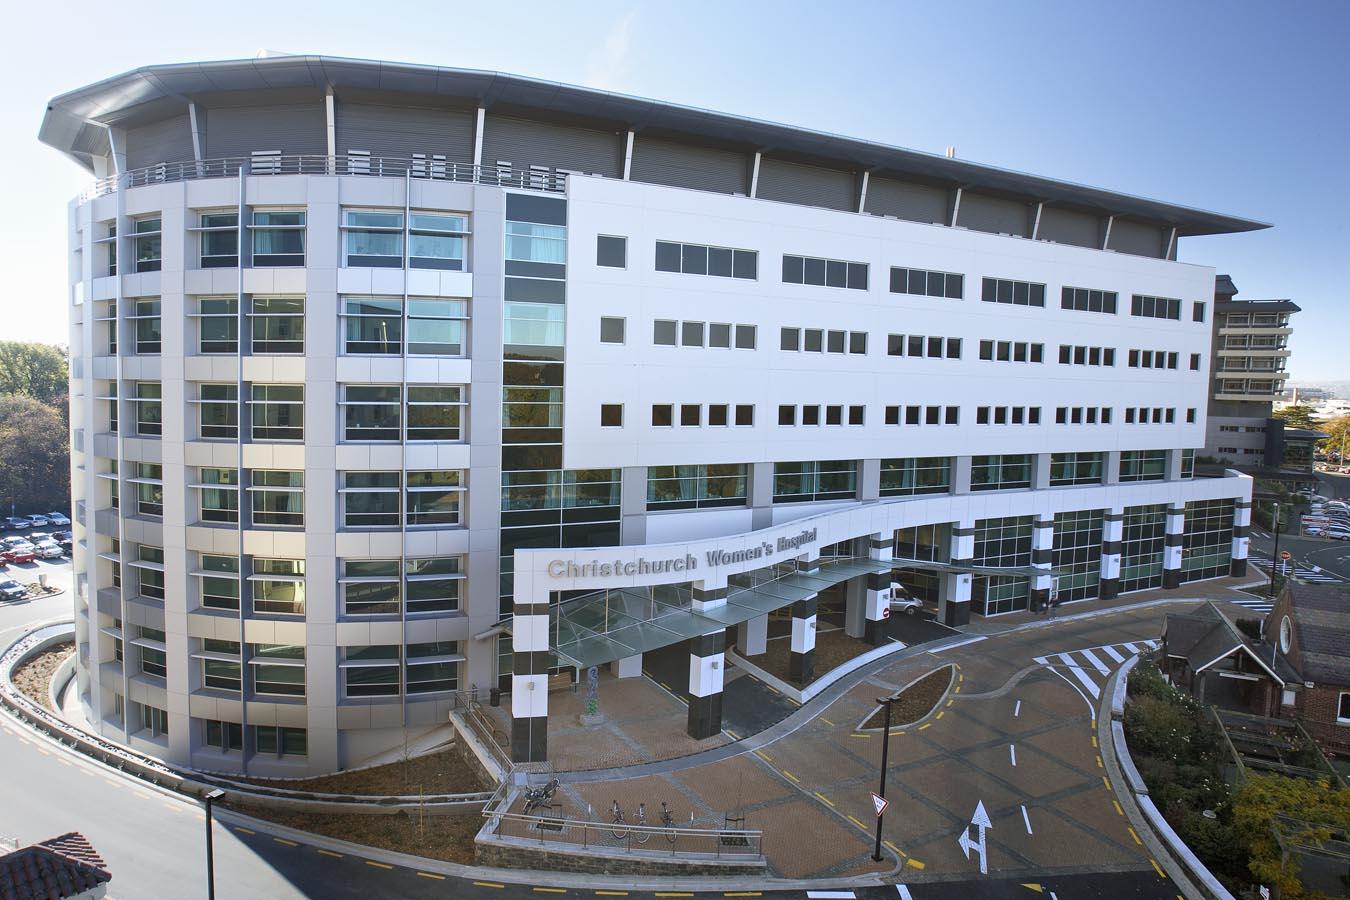 Christchurch Women's Hospital